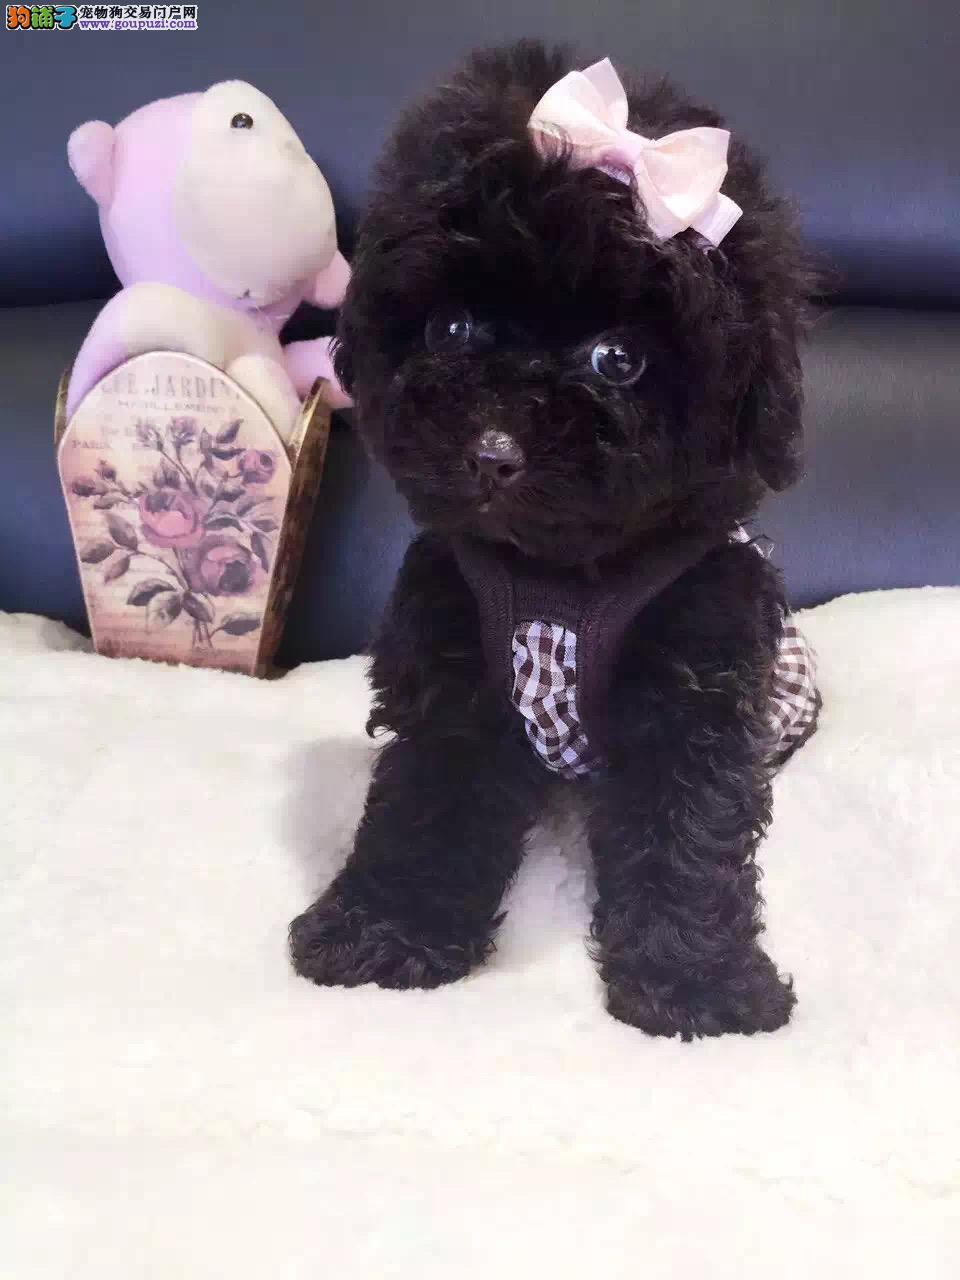 泰迪幼犬颜色全数量多 可以来场挑选 品相超好